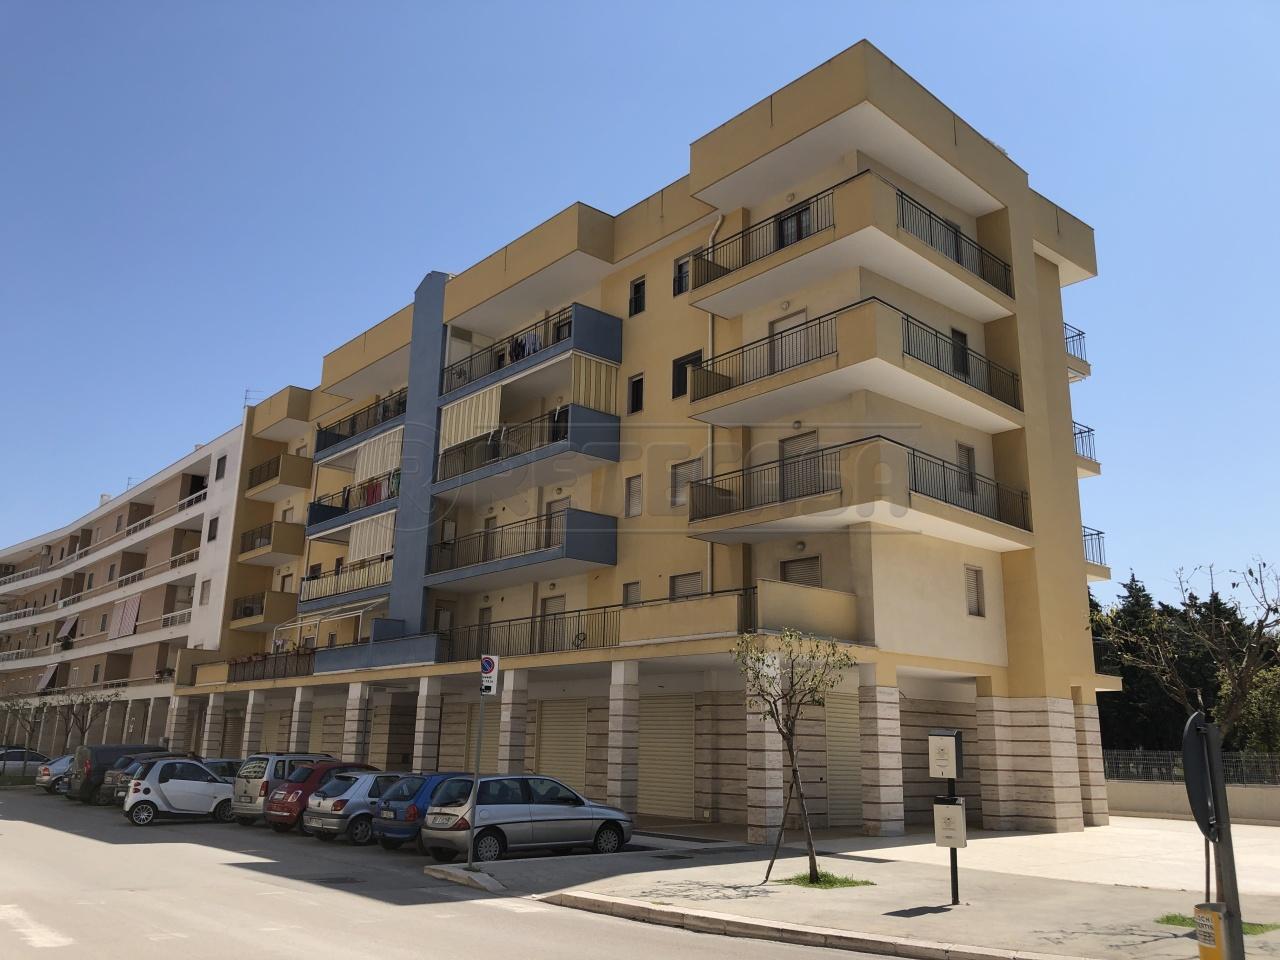 Negozio / Locale in vendita a Bisceglie, 1 locali, prezzo € 310.000 | CambioCasa.it